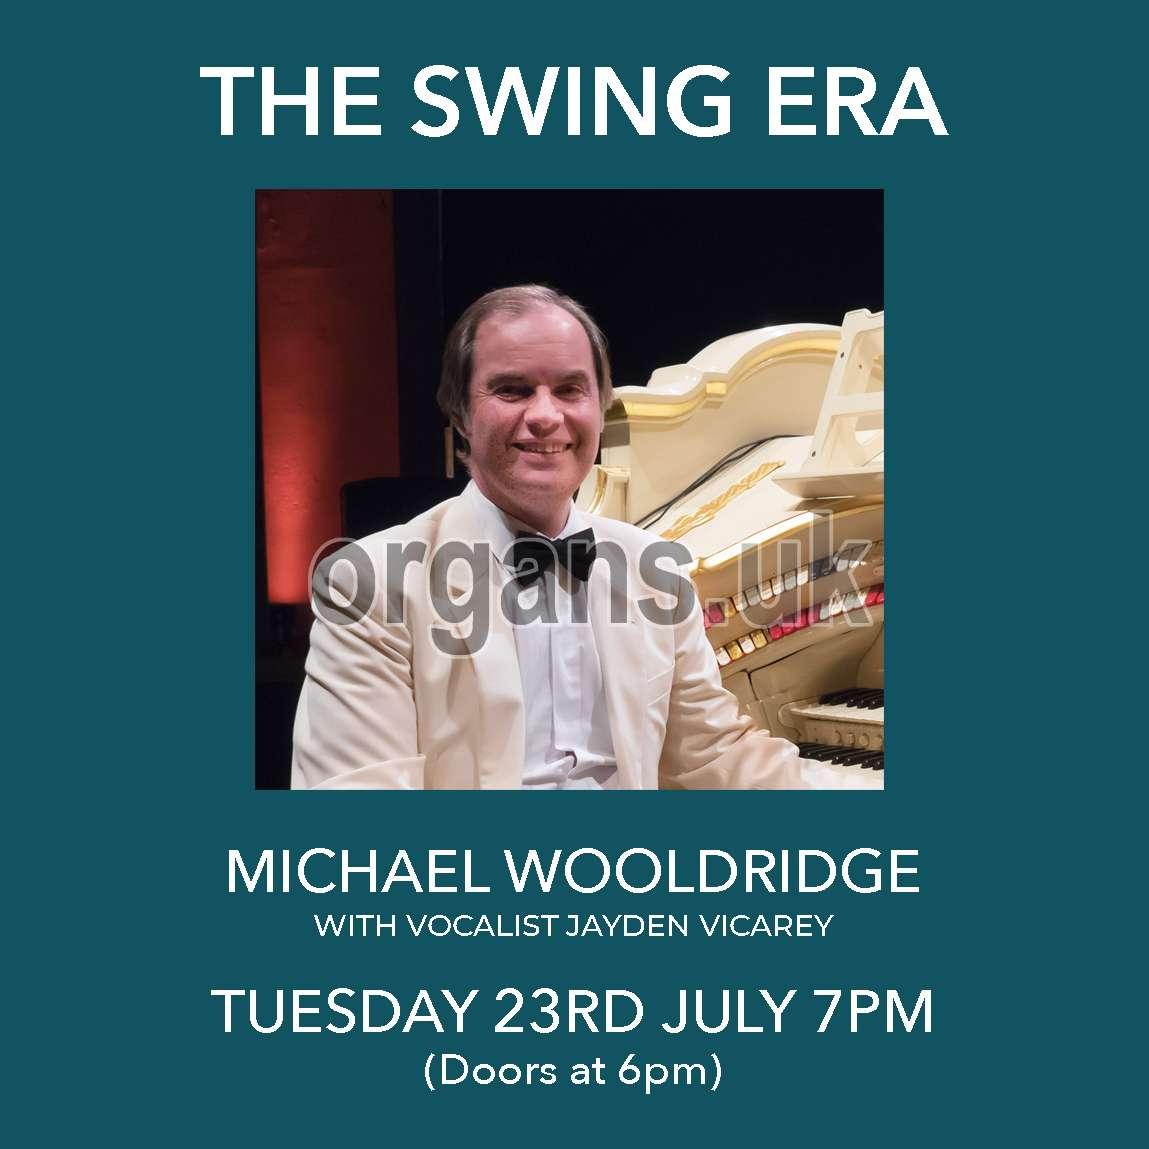 Michael Wooldridge 2019 Concert